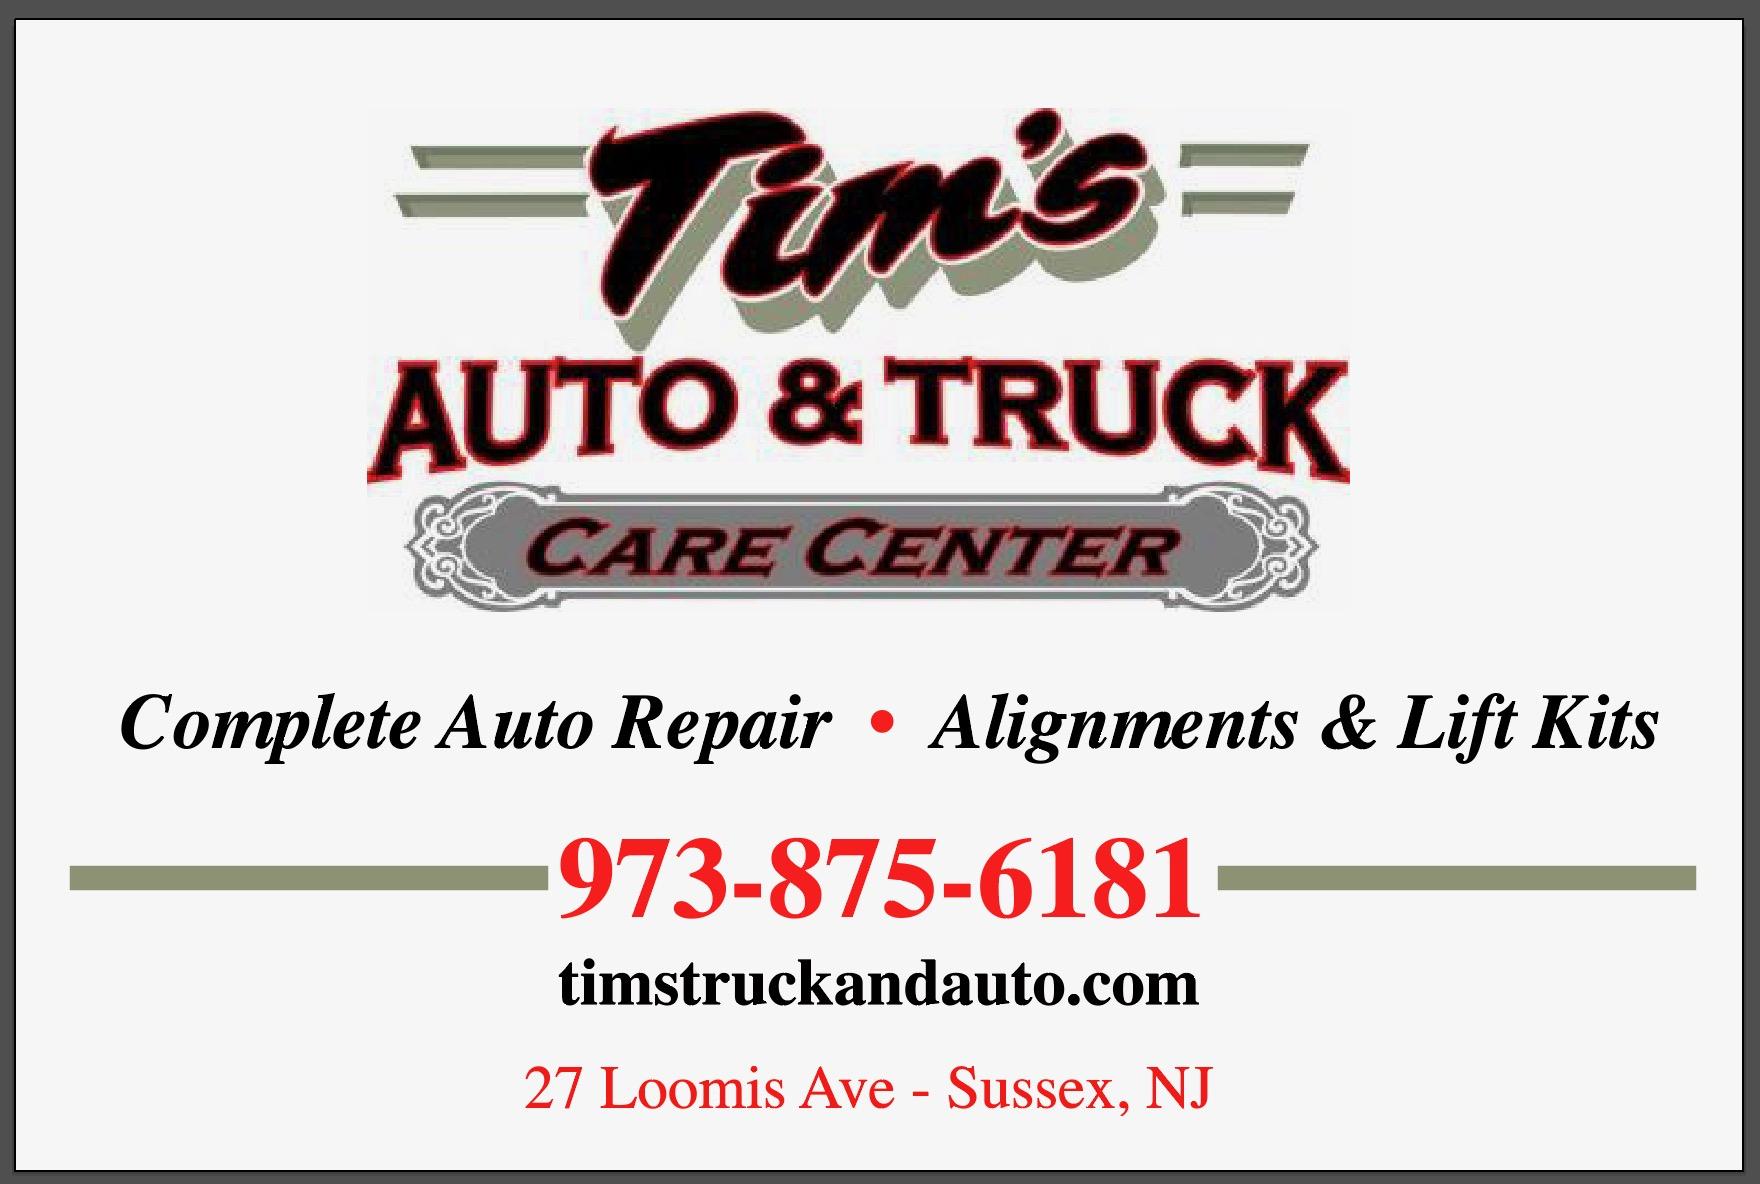 Tim's Auto Truck Care Center